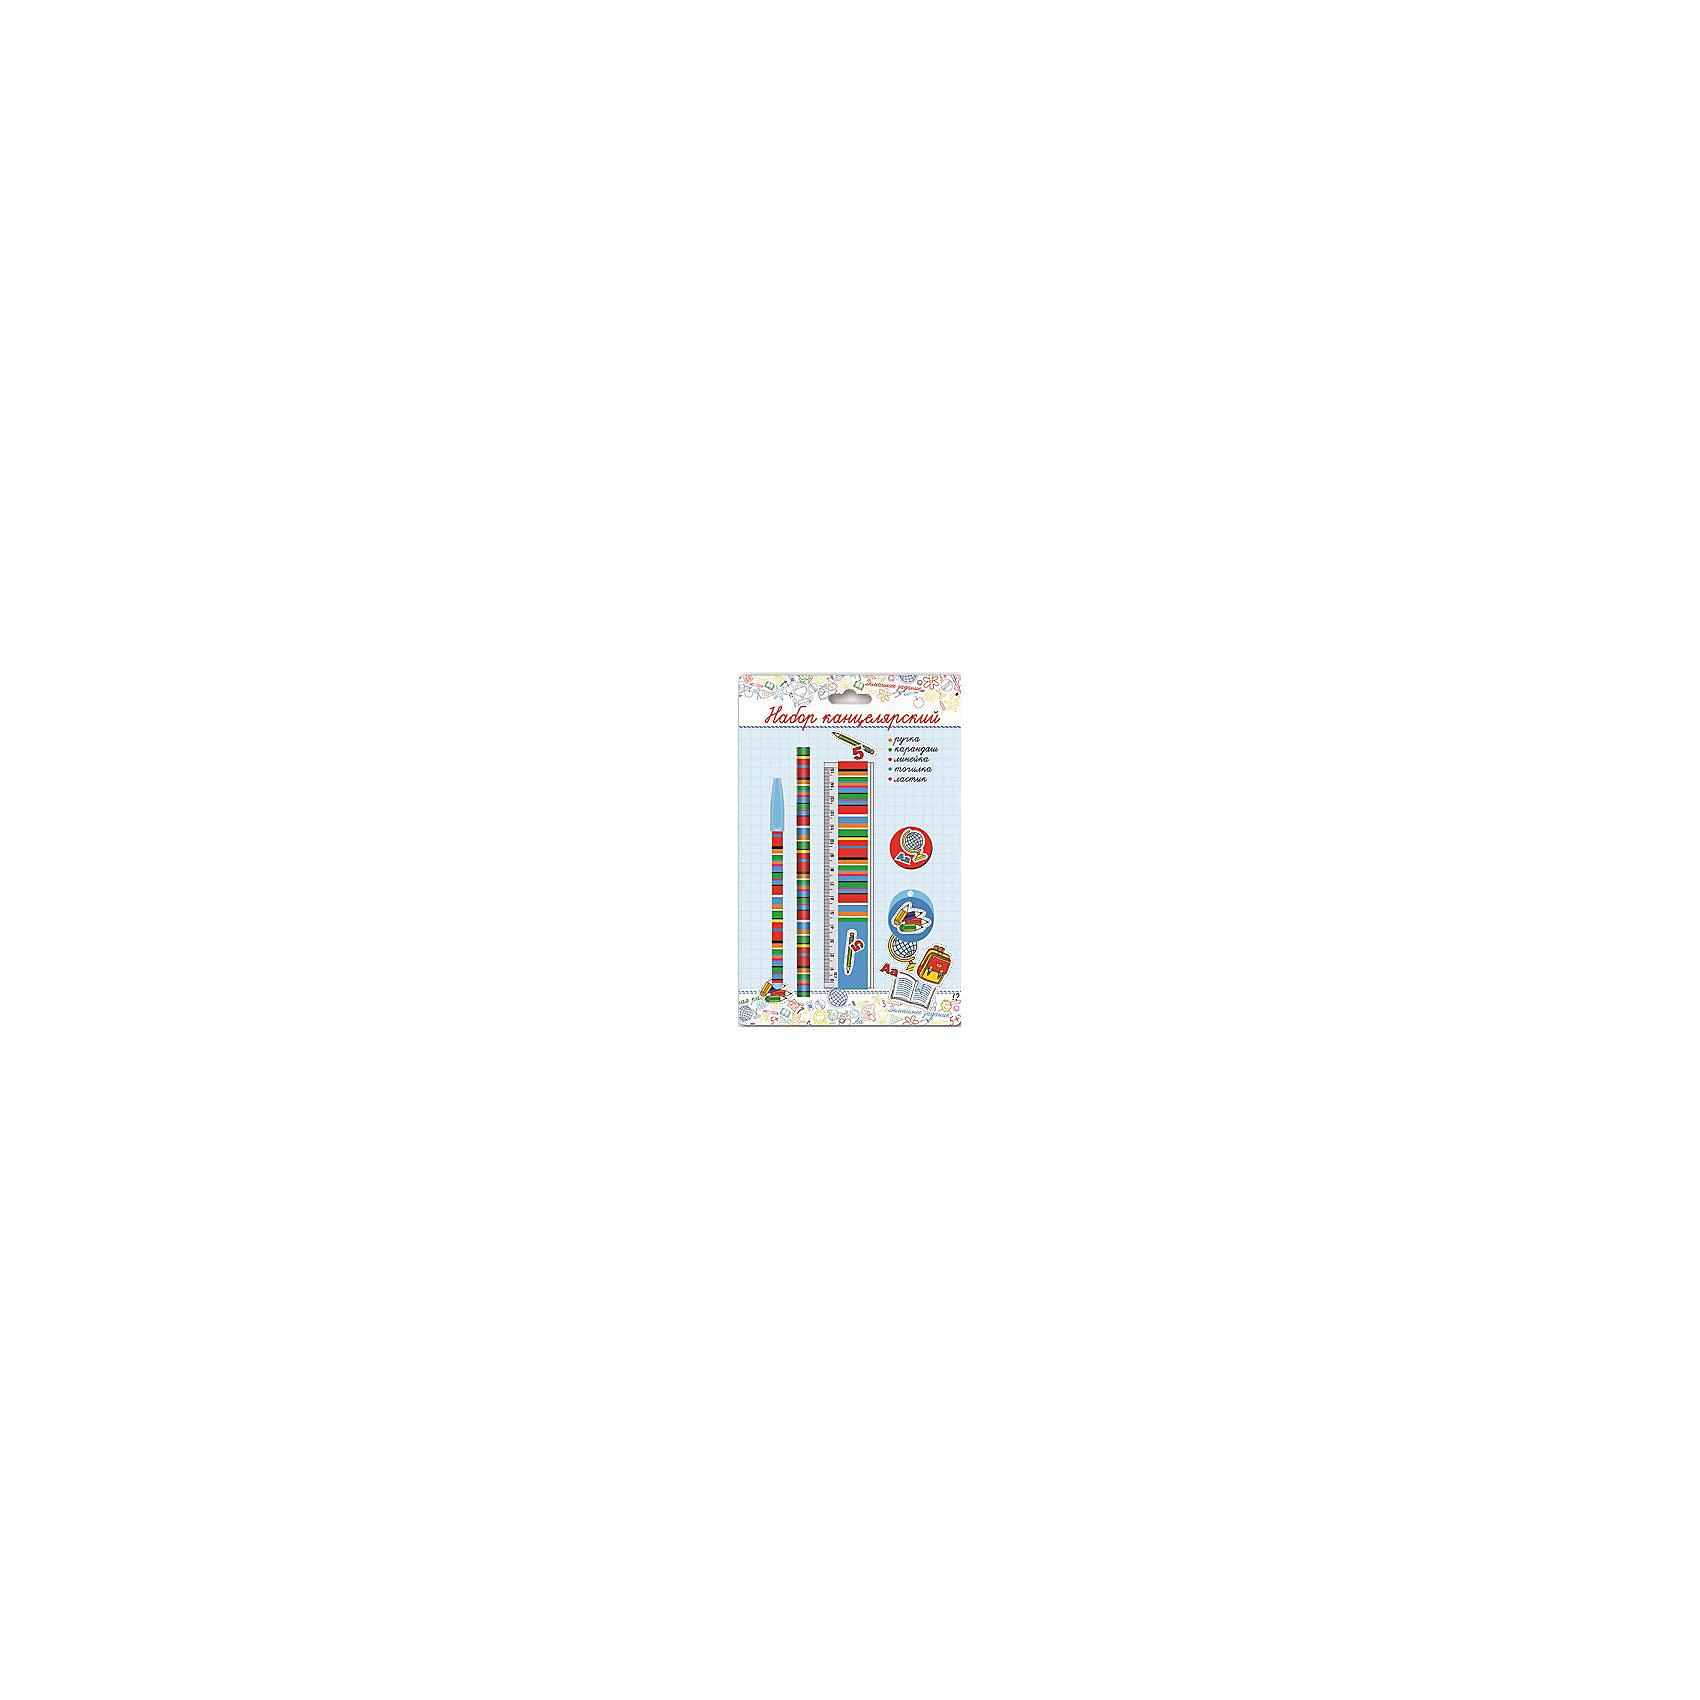 Канцелярский набор В школе Феникс+Школьные аксессуары<br>Канцелярский набор в блистере В ШКОЛЕ (1 ручка шарик. (синяя), 1 ластик диаметром 35мм, 1 точилка для карандашей диаметром 35мм, 1 пластиковая линейка длиной 150 мм, 1 круглый заточенный чернографитный карандаш в древесной оболочке твердости HB)<br><br>Ширина мм: 245<br>Глубина мм: 155<br>Высота мм: 20<br>Вес г: 65<br>Возраст от месяцев: 72<br>Возраст до месяцев: 2147483647<br>Пол: Унисекс<br>Возраст: Детский<br>SKU: 7046228